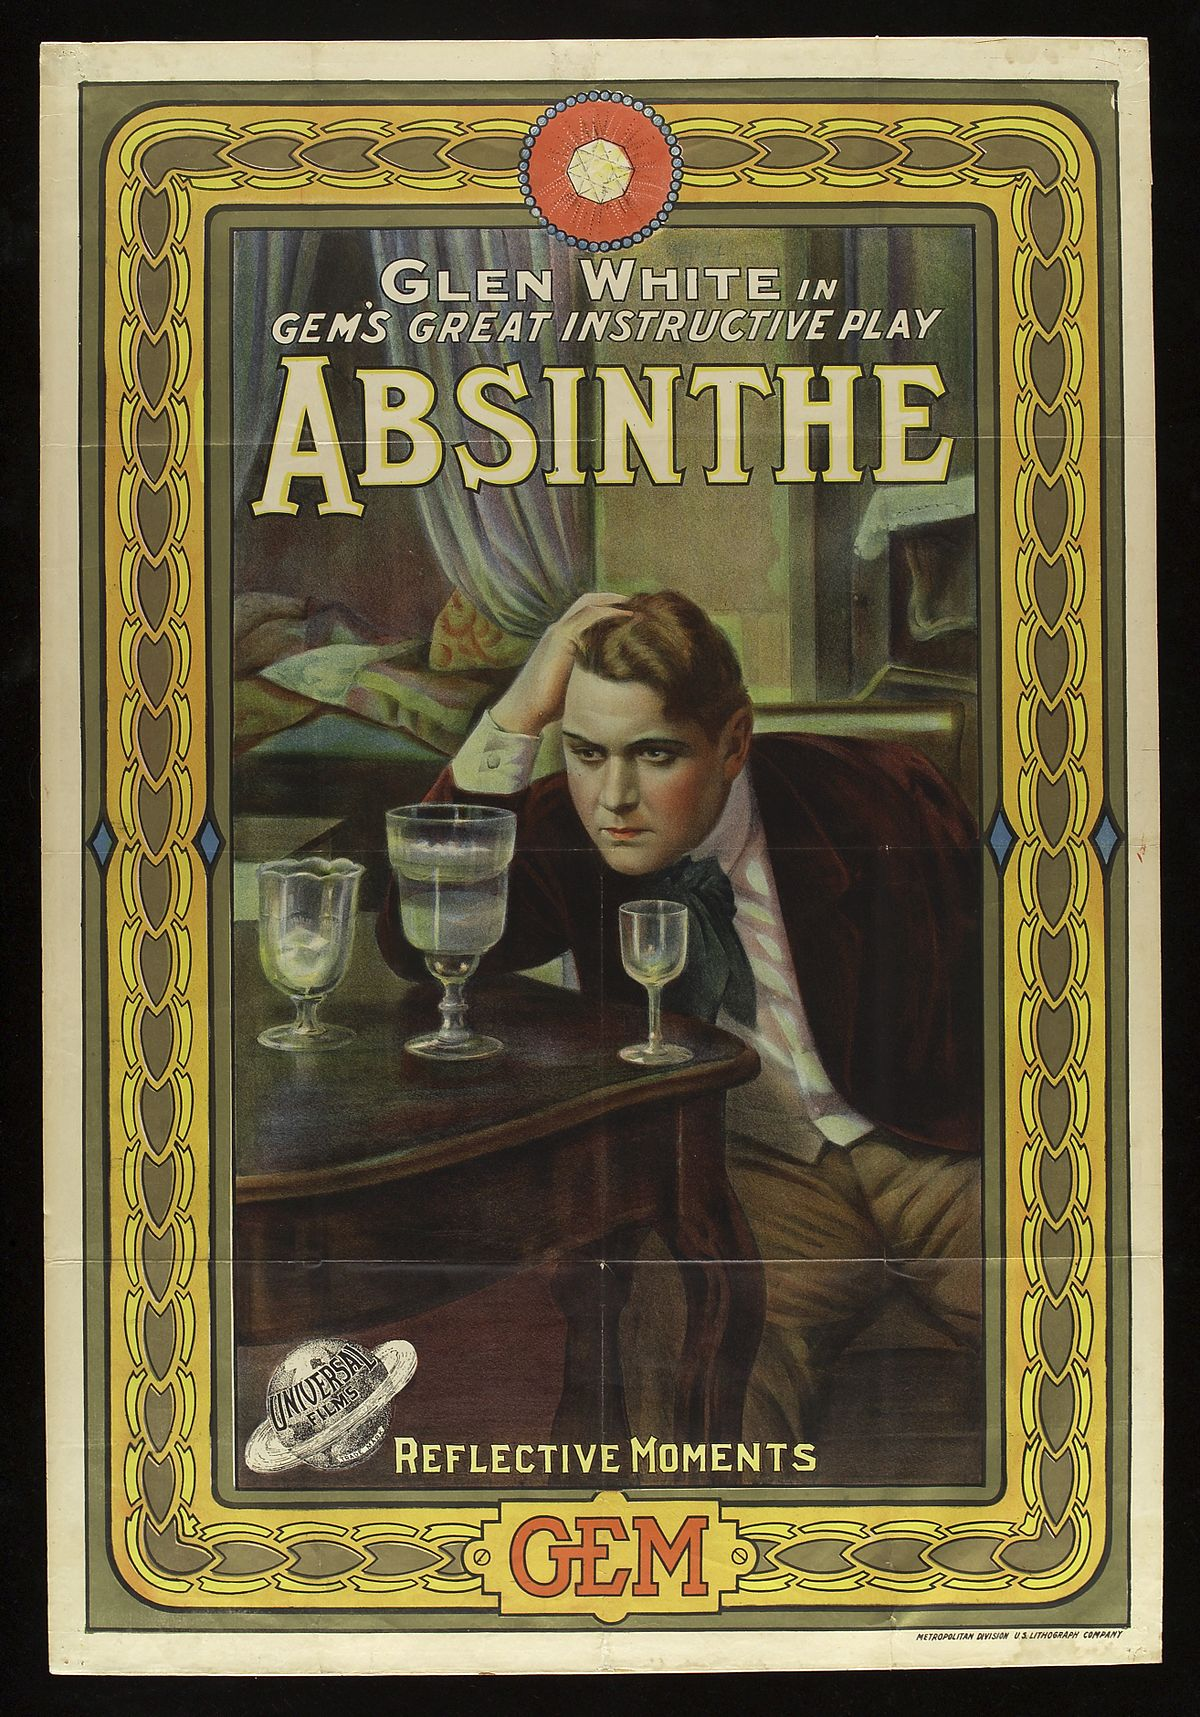 Absinthe (1914 film) - Wikipedia